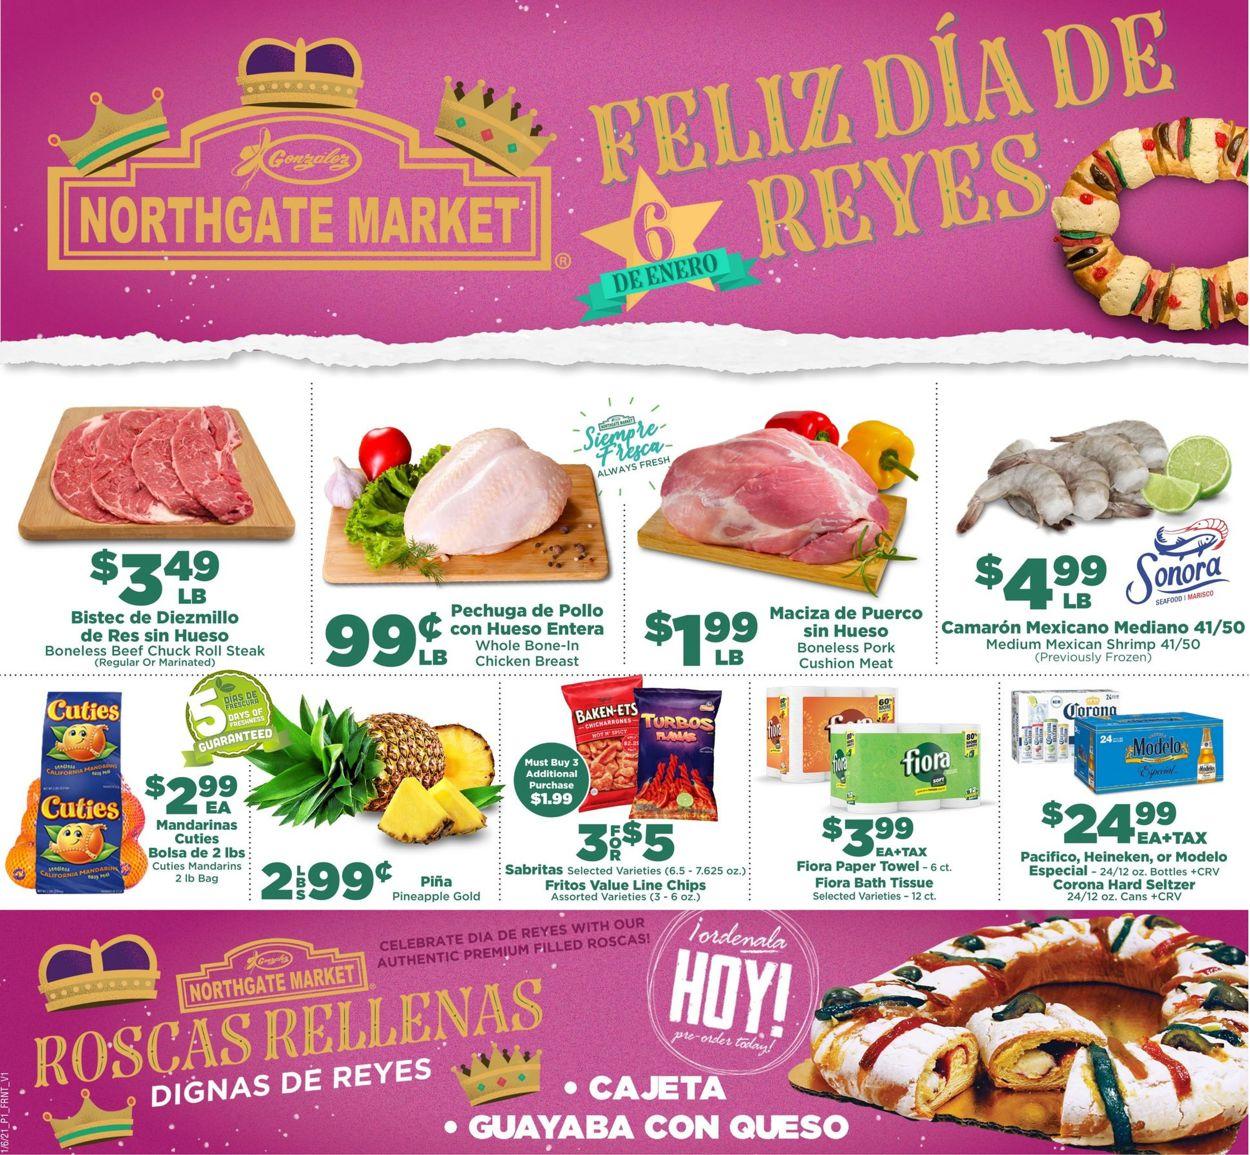 Northgate Market Weekly Ad Circular - valid 01/06-01/12/2021